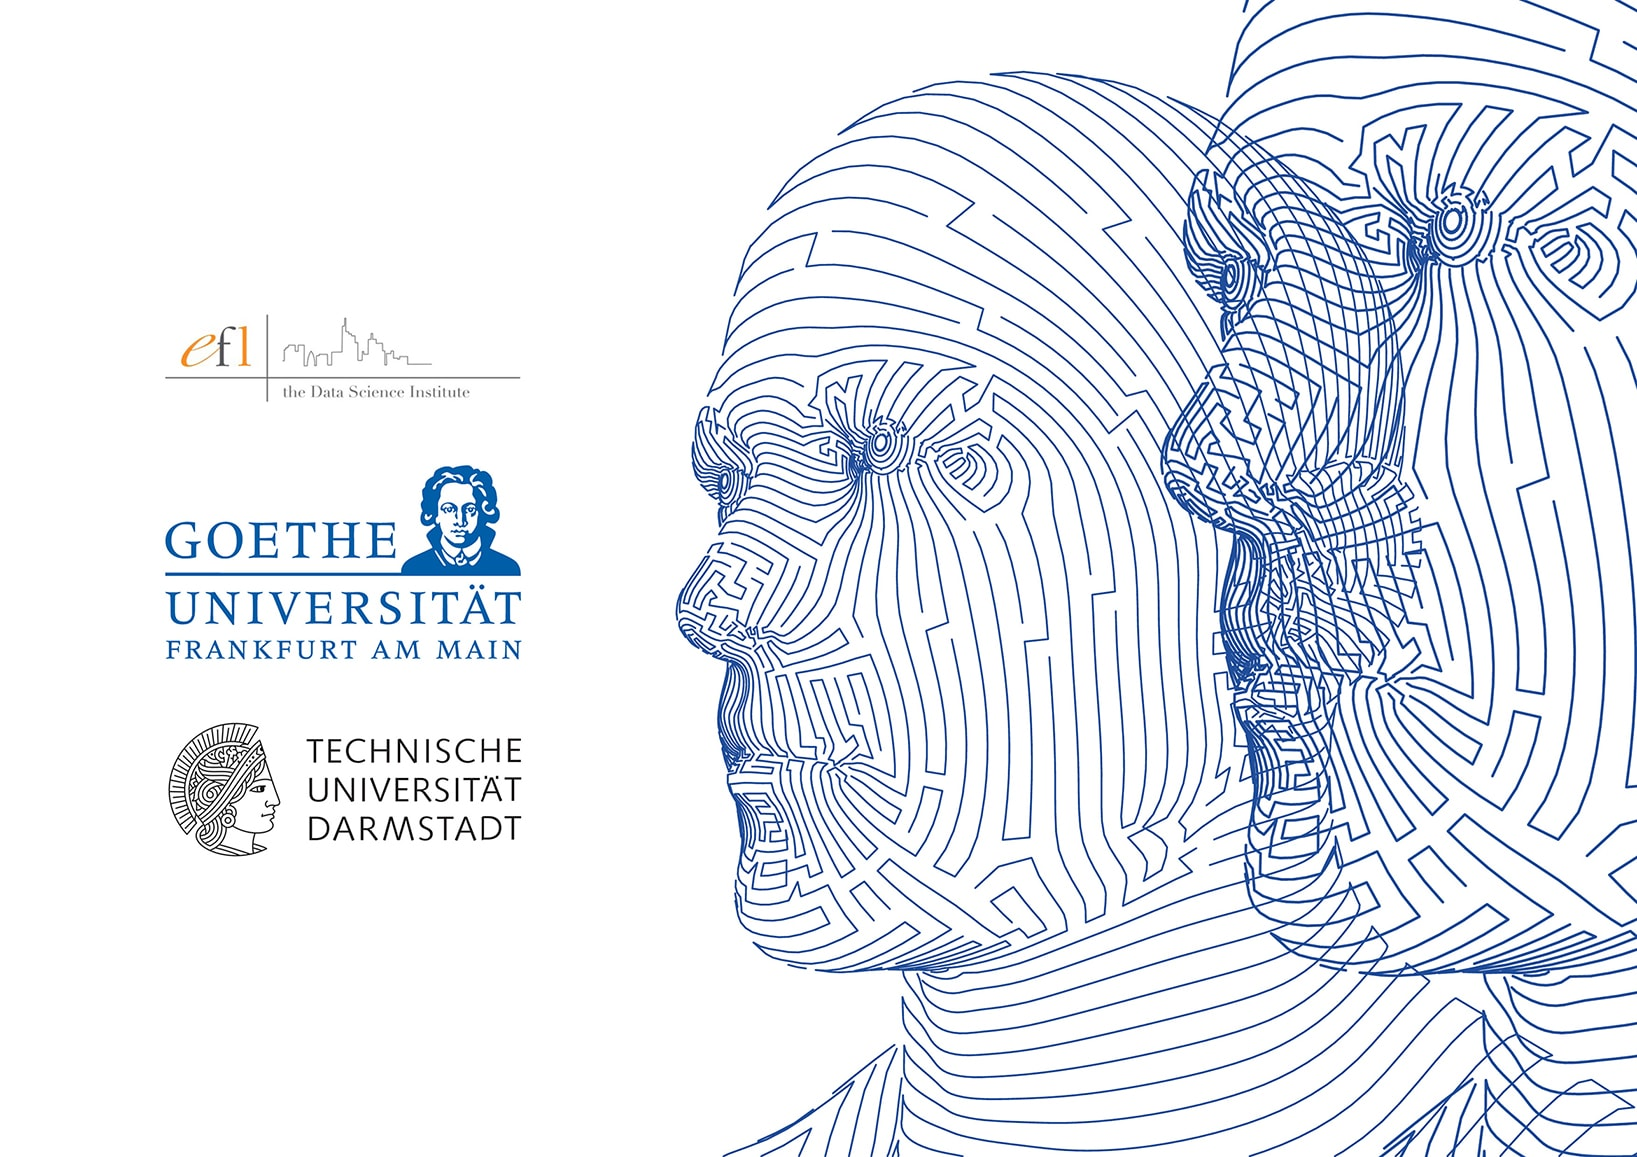 Entwicklung einer Typo3 Website für Uni Frankfurt